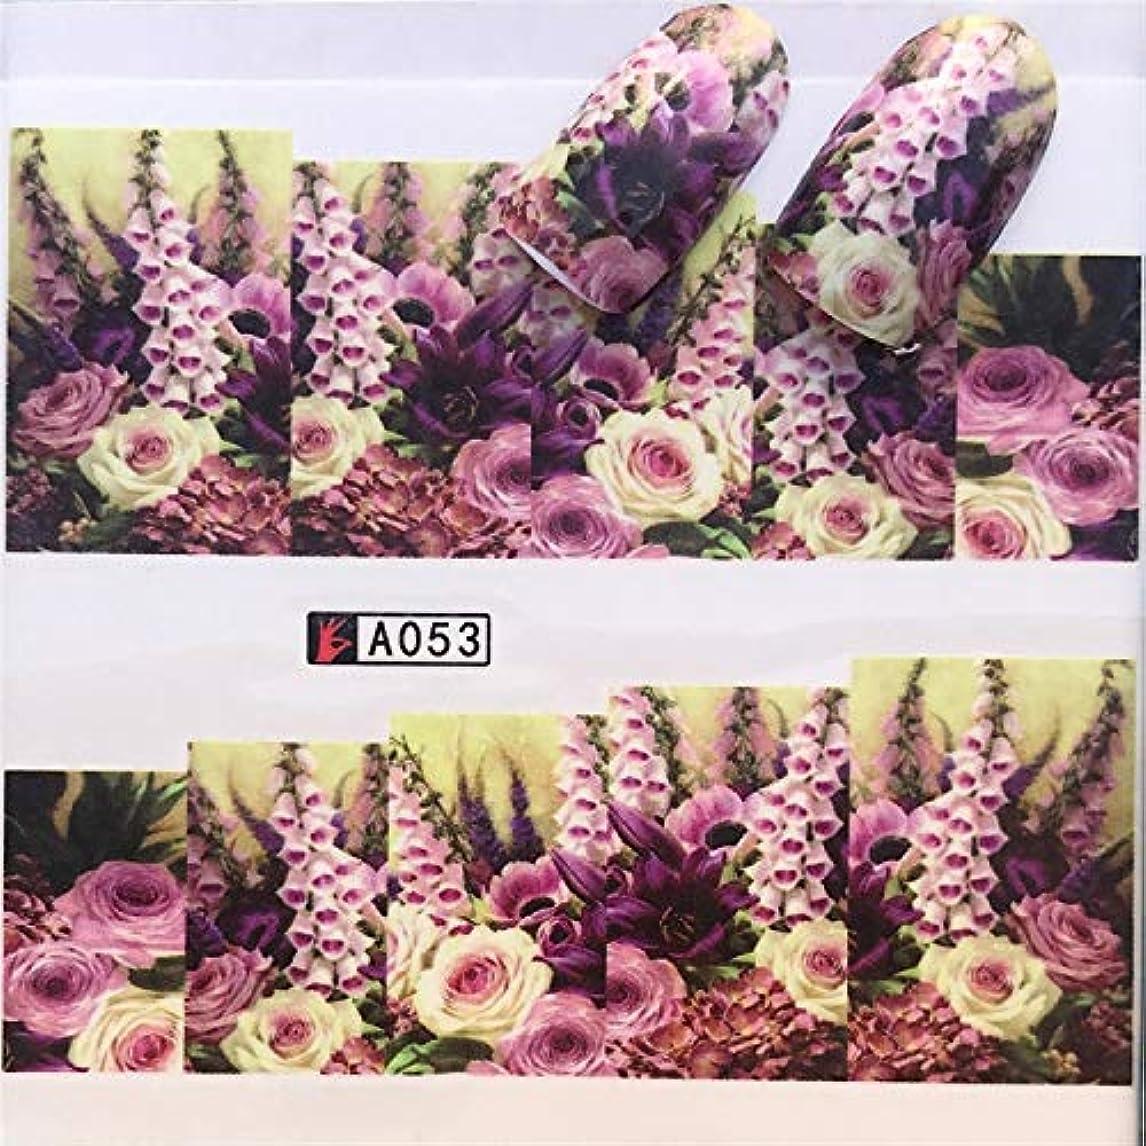 別れる着飾る一MEI1JIA CELINEZL 3ピースネイルステッカーセットデカールウォータースライダースライダーネイルアートデコレーション、色:YZWA053